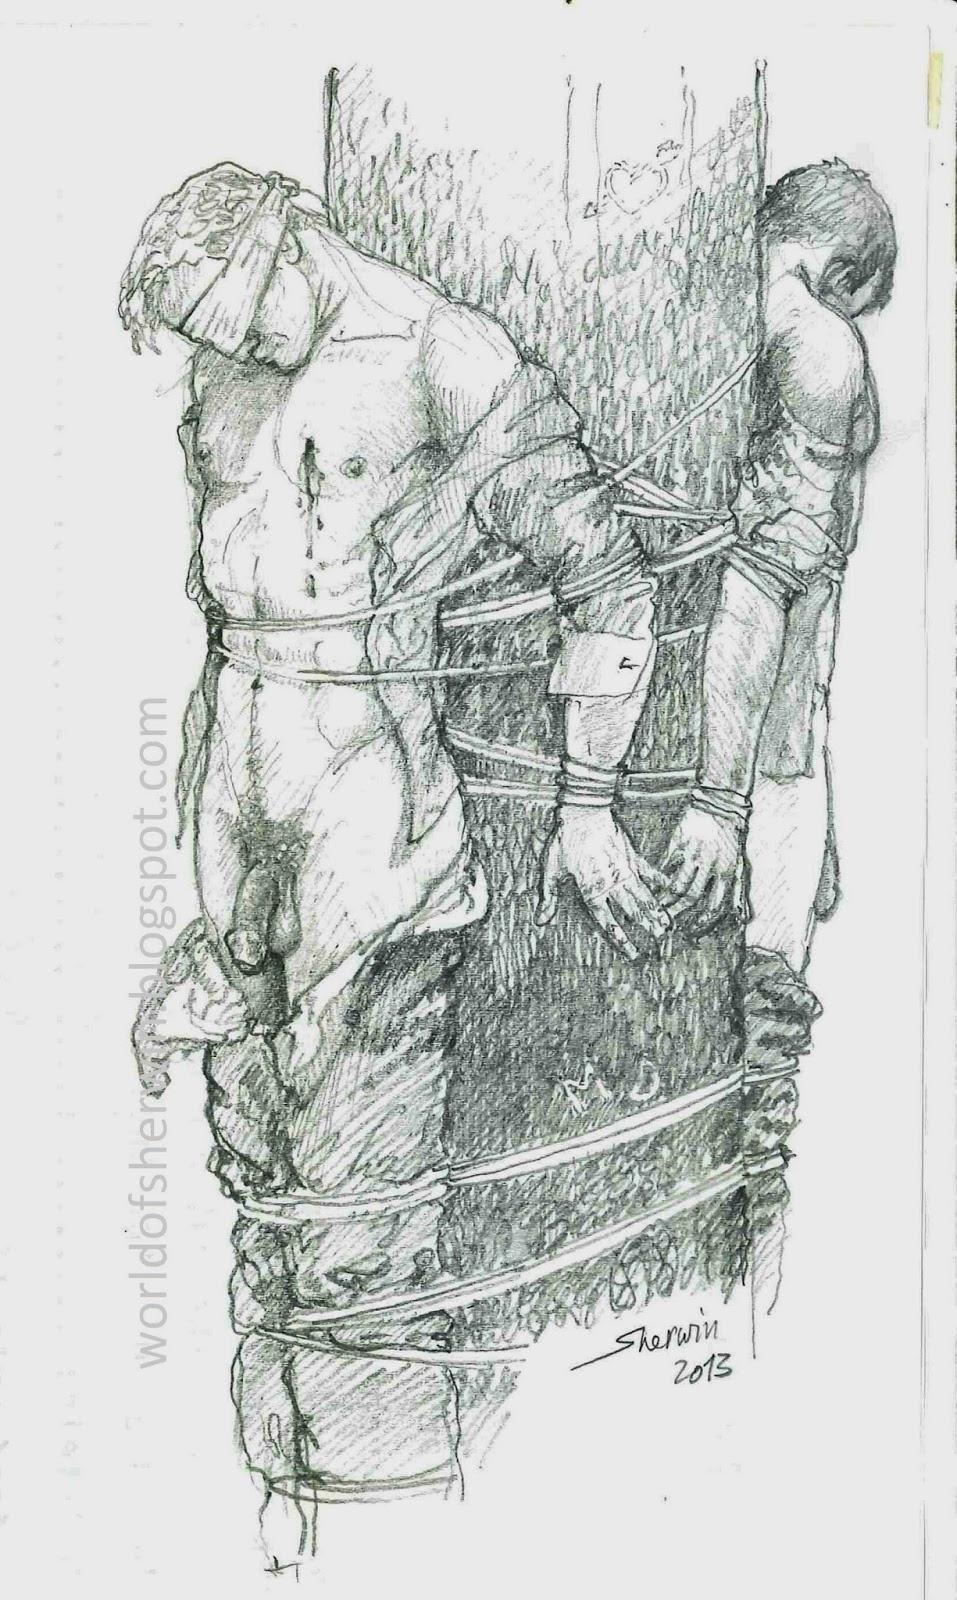 Sherwin's fantasy world